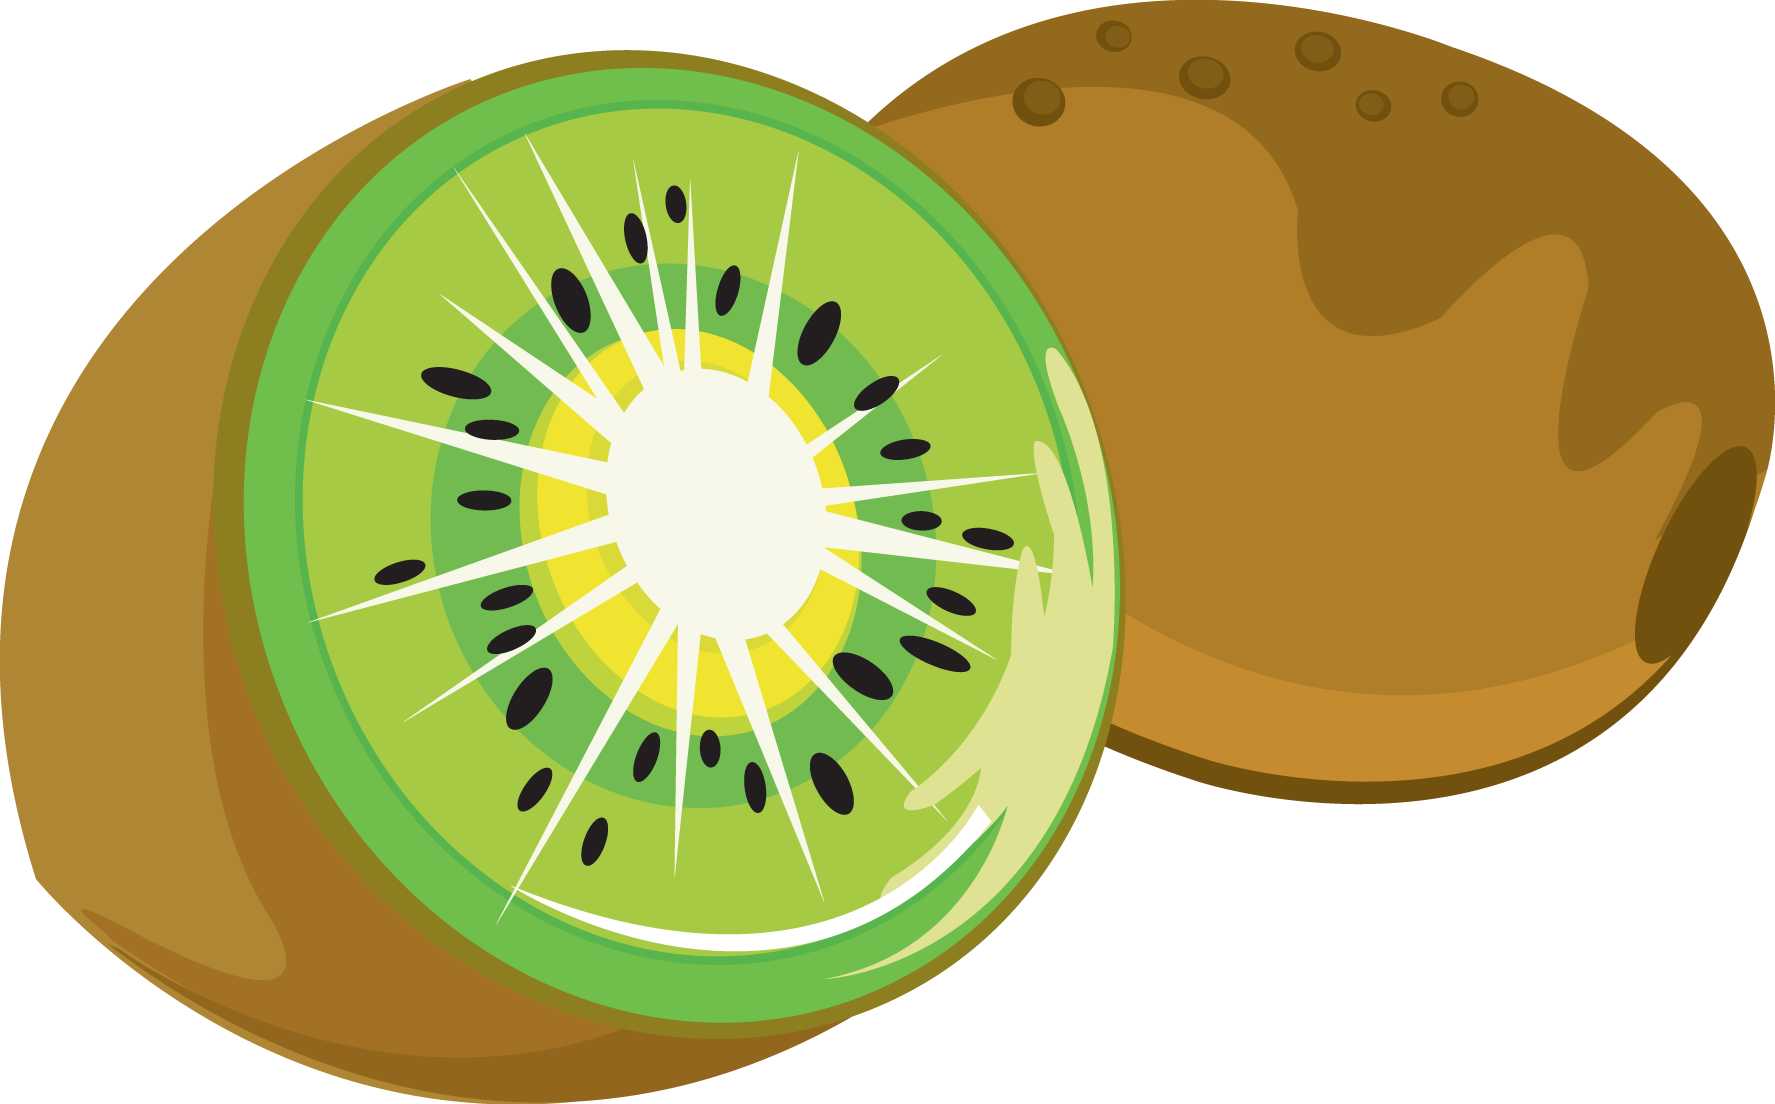 Tree clipart kiwi #4